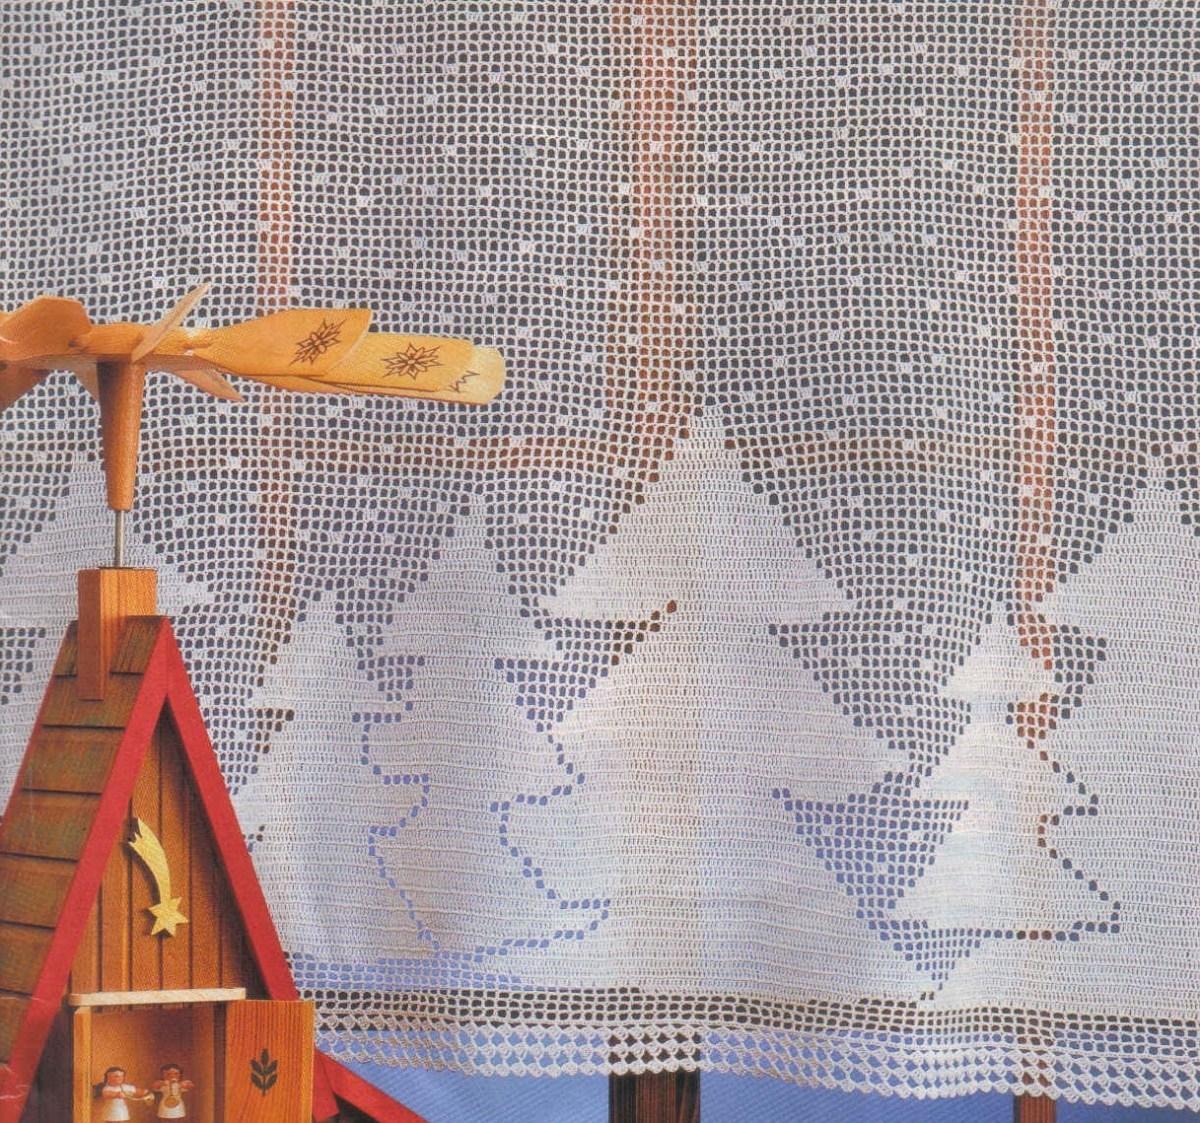 C'est un rideau assez sobre, idéal pour l'hiver et la montagne.